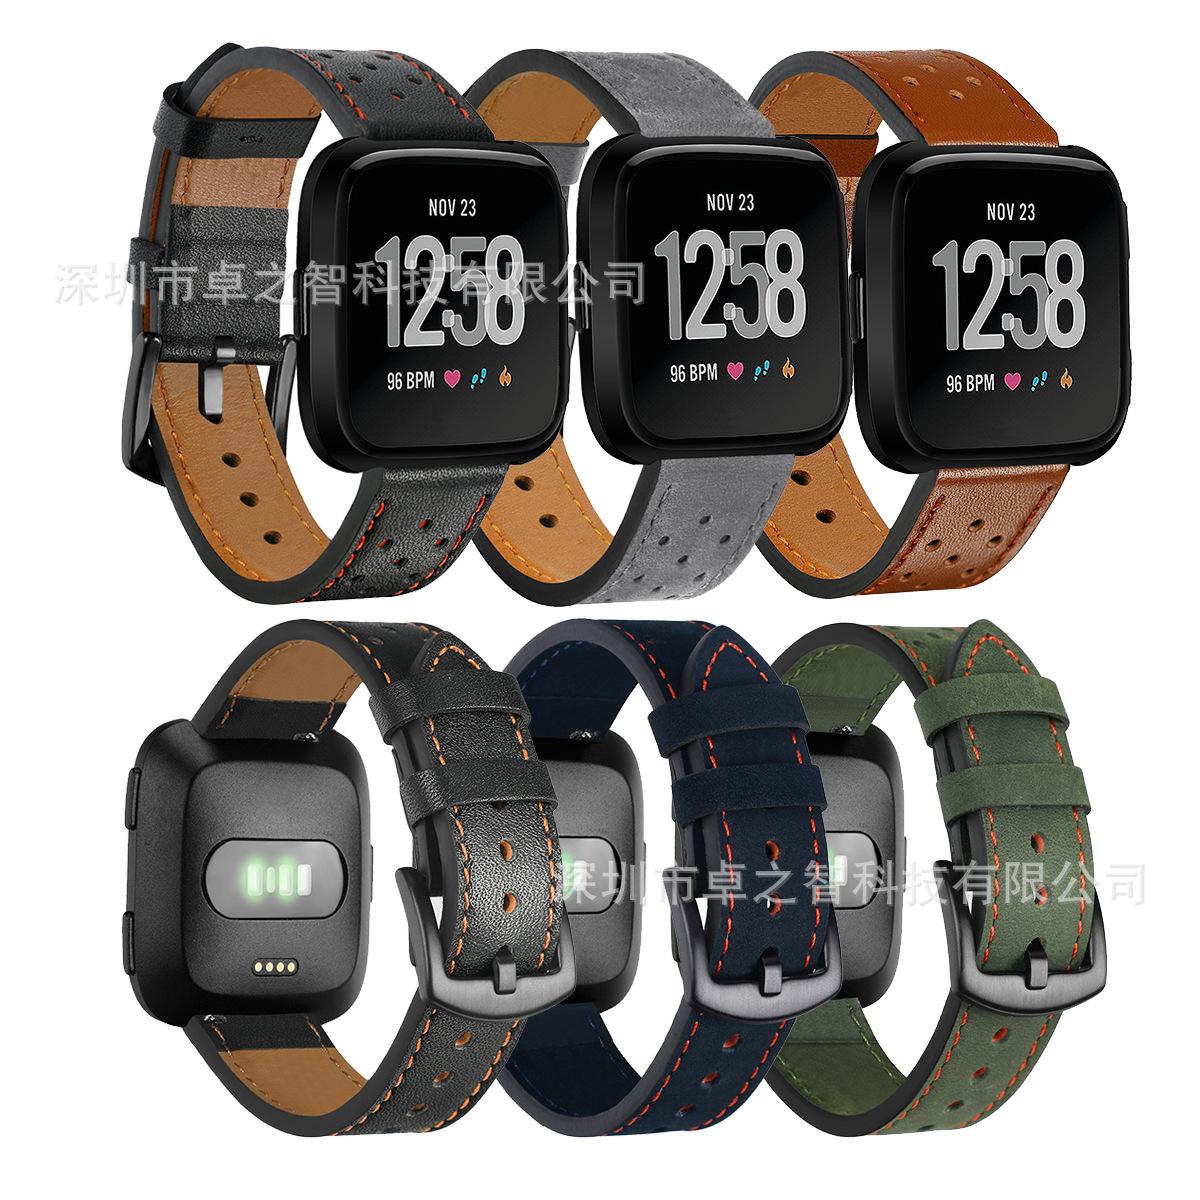 适用于 versa智能手表真皮腕带  versa真皮表带